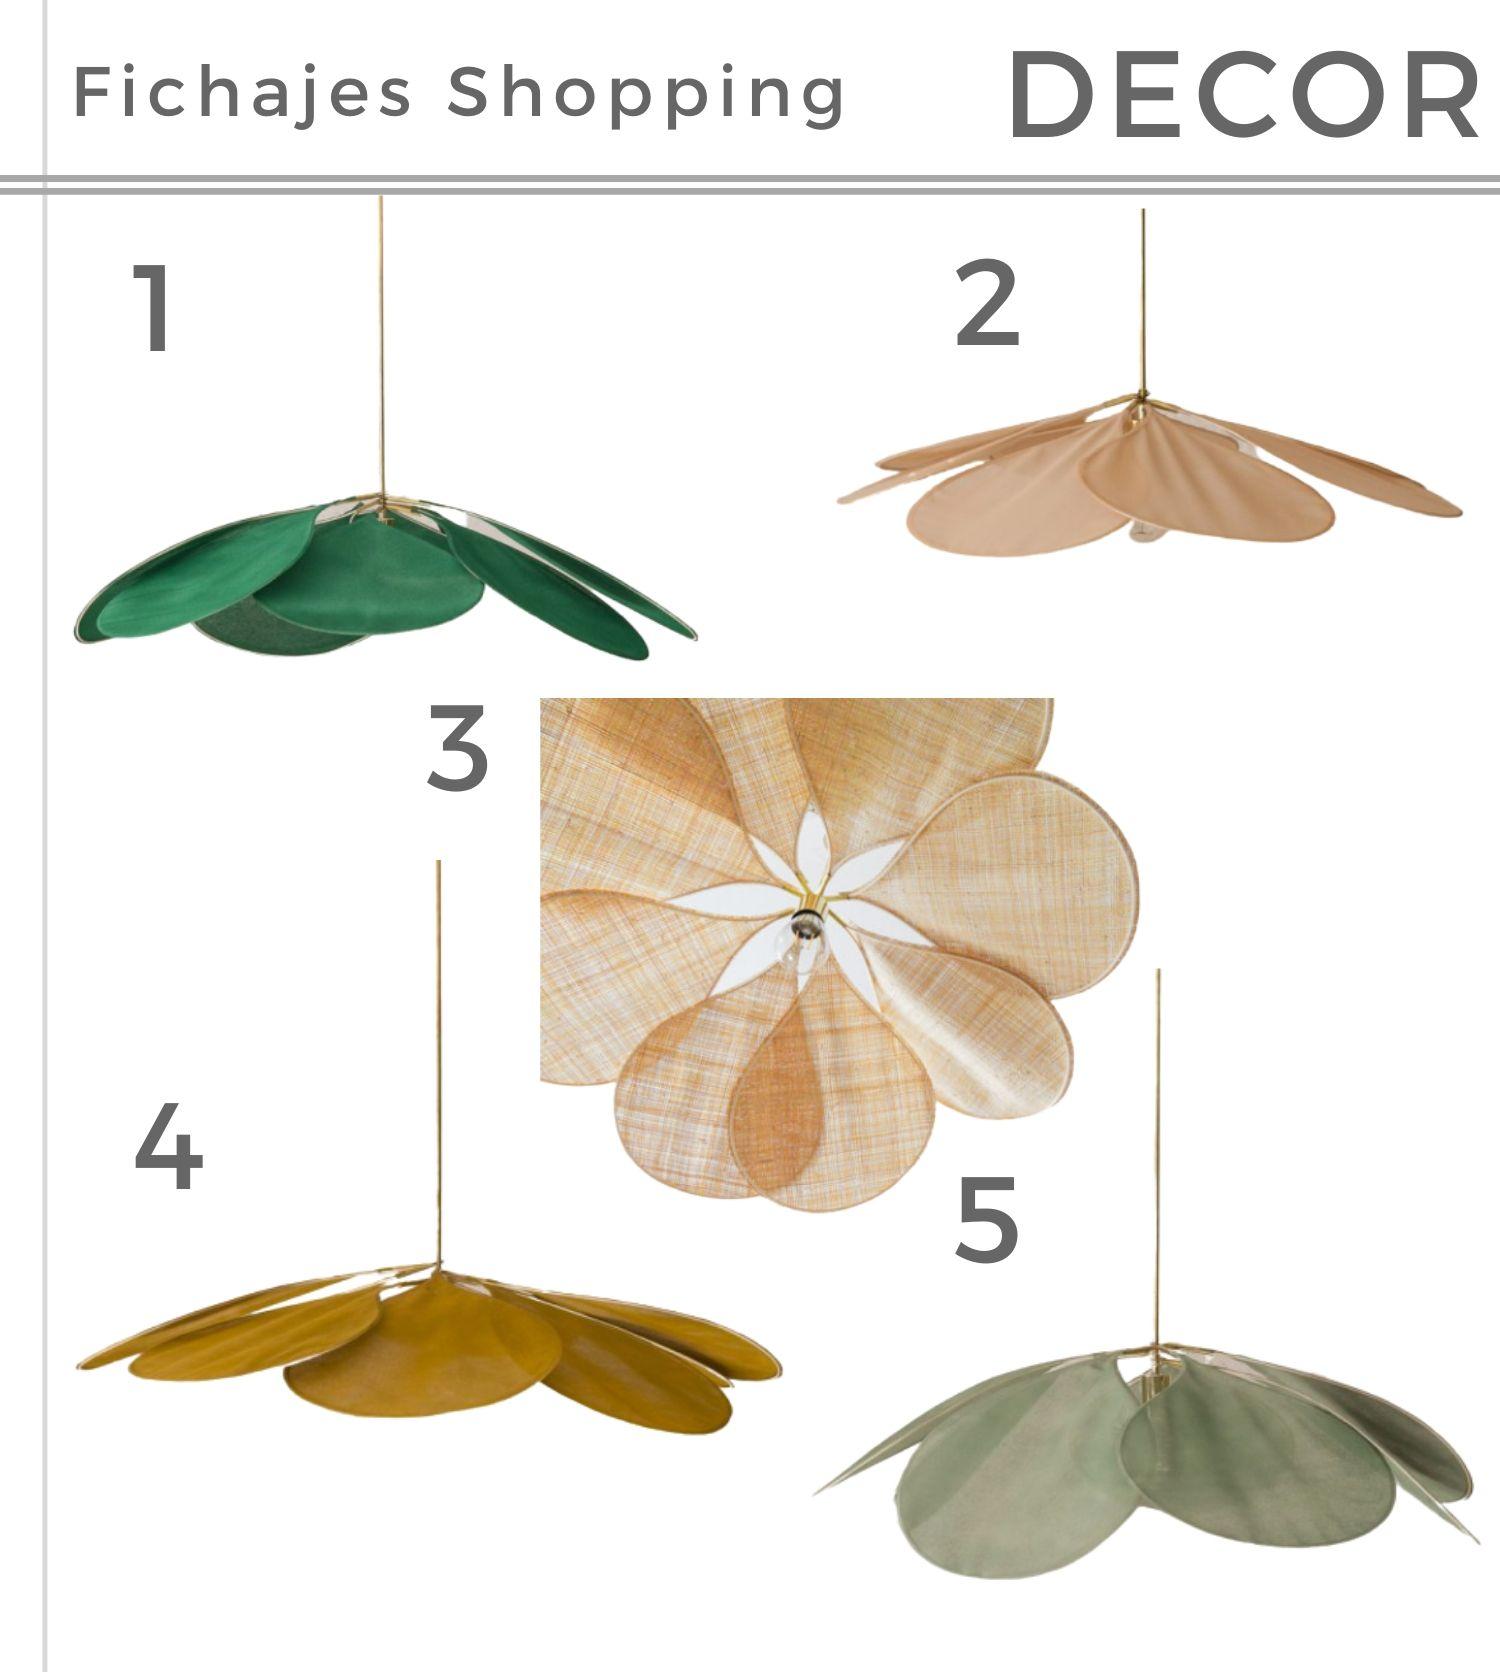 Objeto_decorativo_Lámpara_pétalos_decoración_inspiración_fichajes_shopping-10